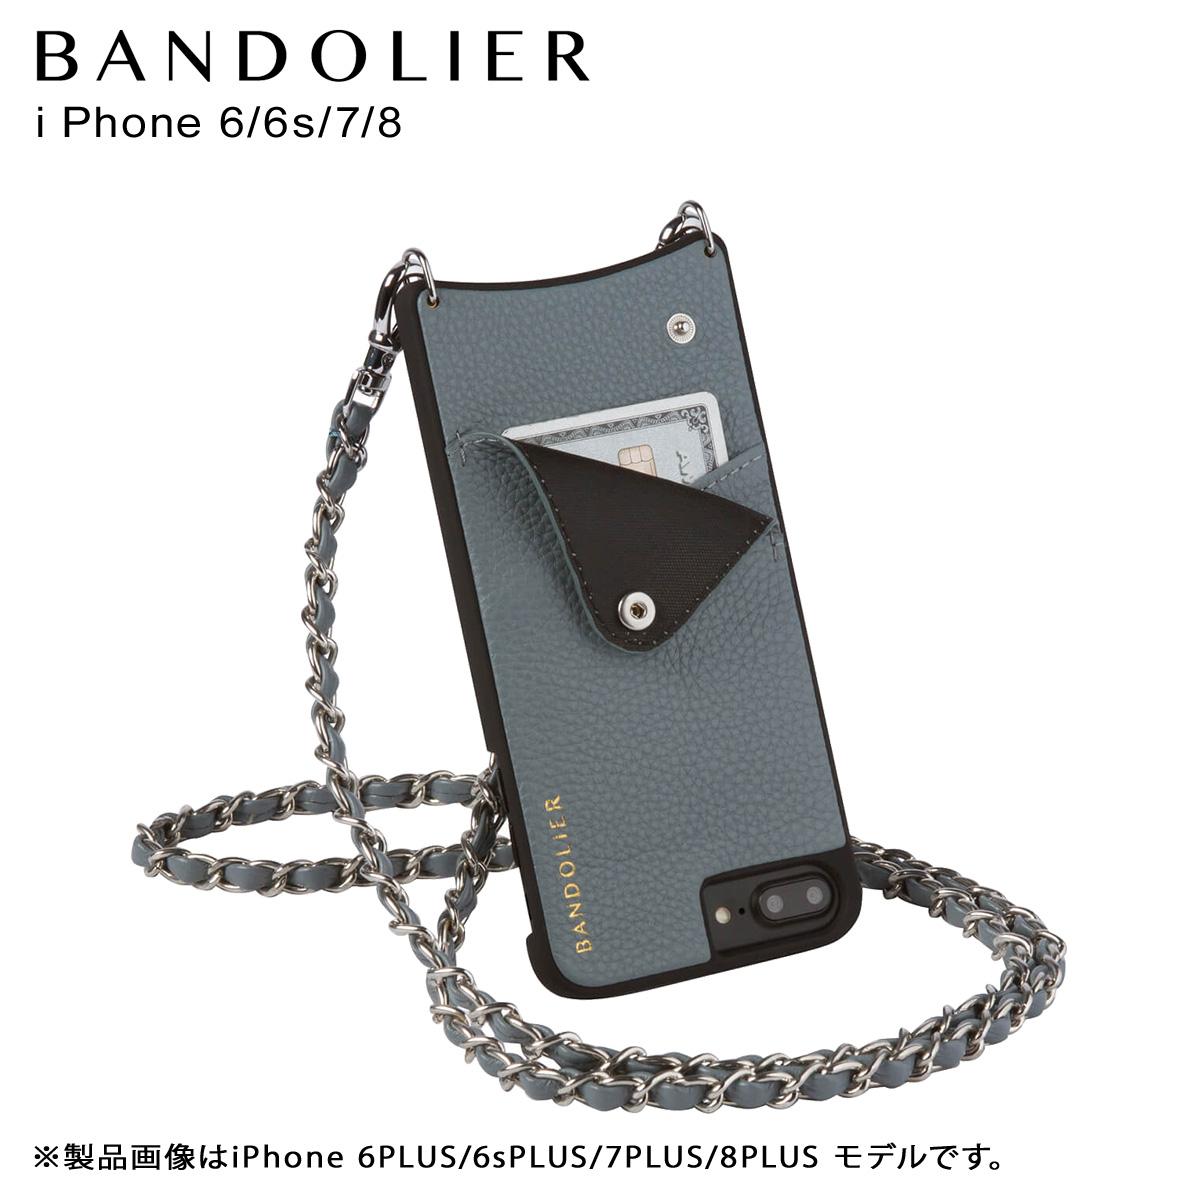 バンドリヤー BANDOLIER iPhone8 iPhone7 6s ケース スマホ アイフォン LUCY STORM メンズ レディース